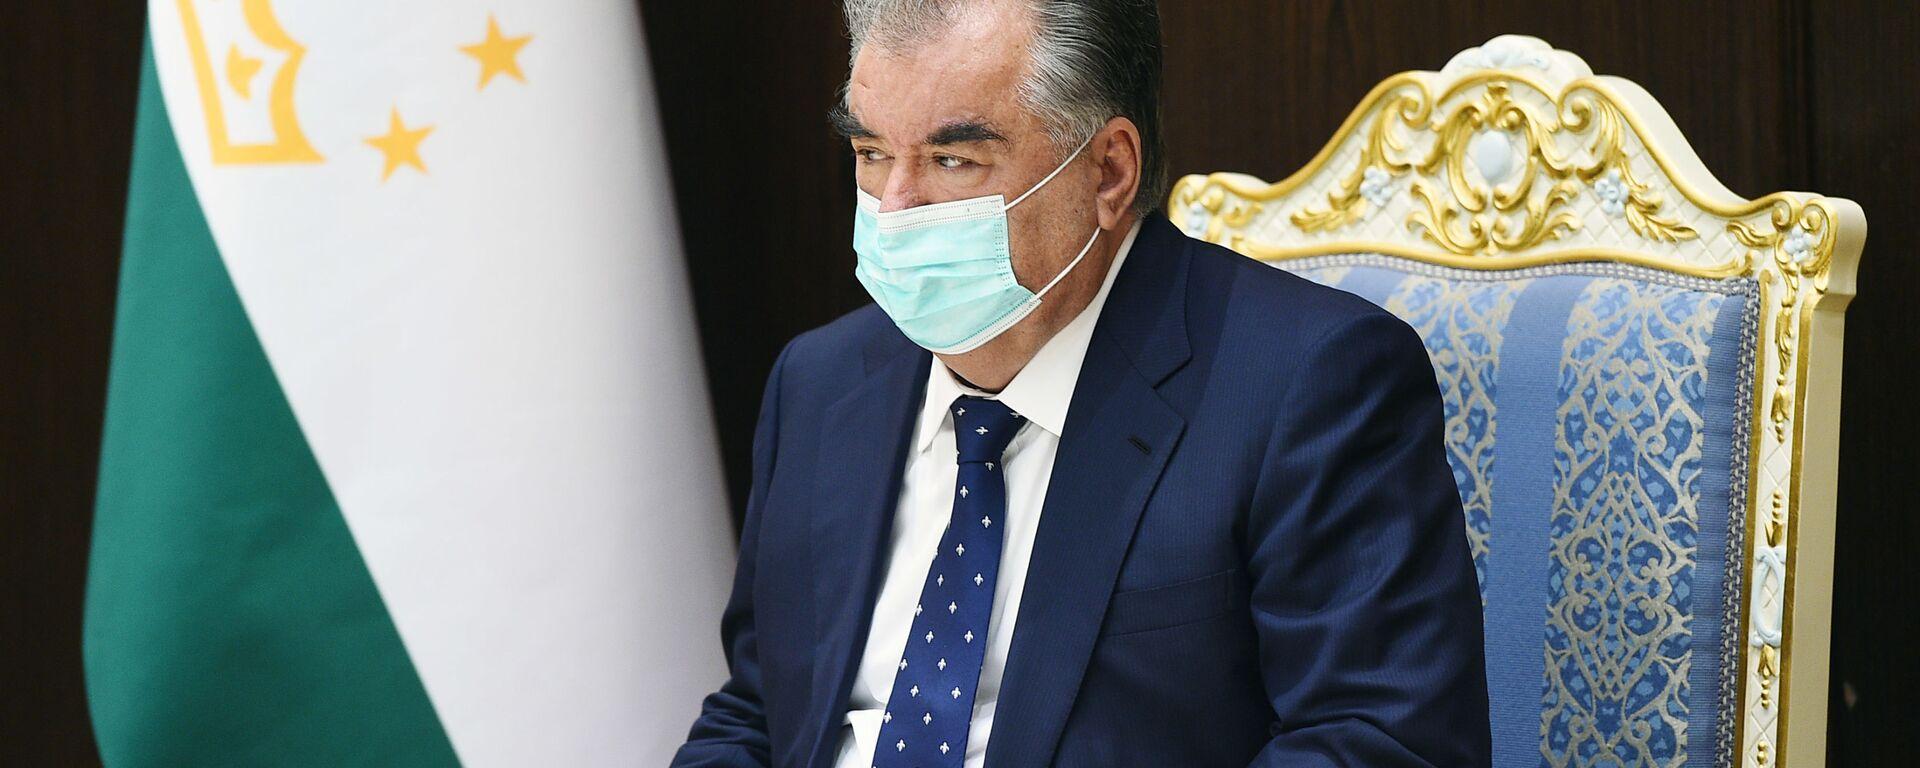 Президент Таджикистана Эмомали Рахмон - Sputnik Таджикистан, 1920, 17.08.2020